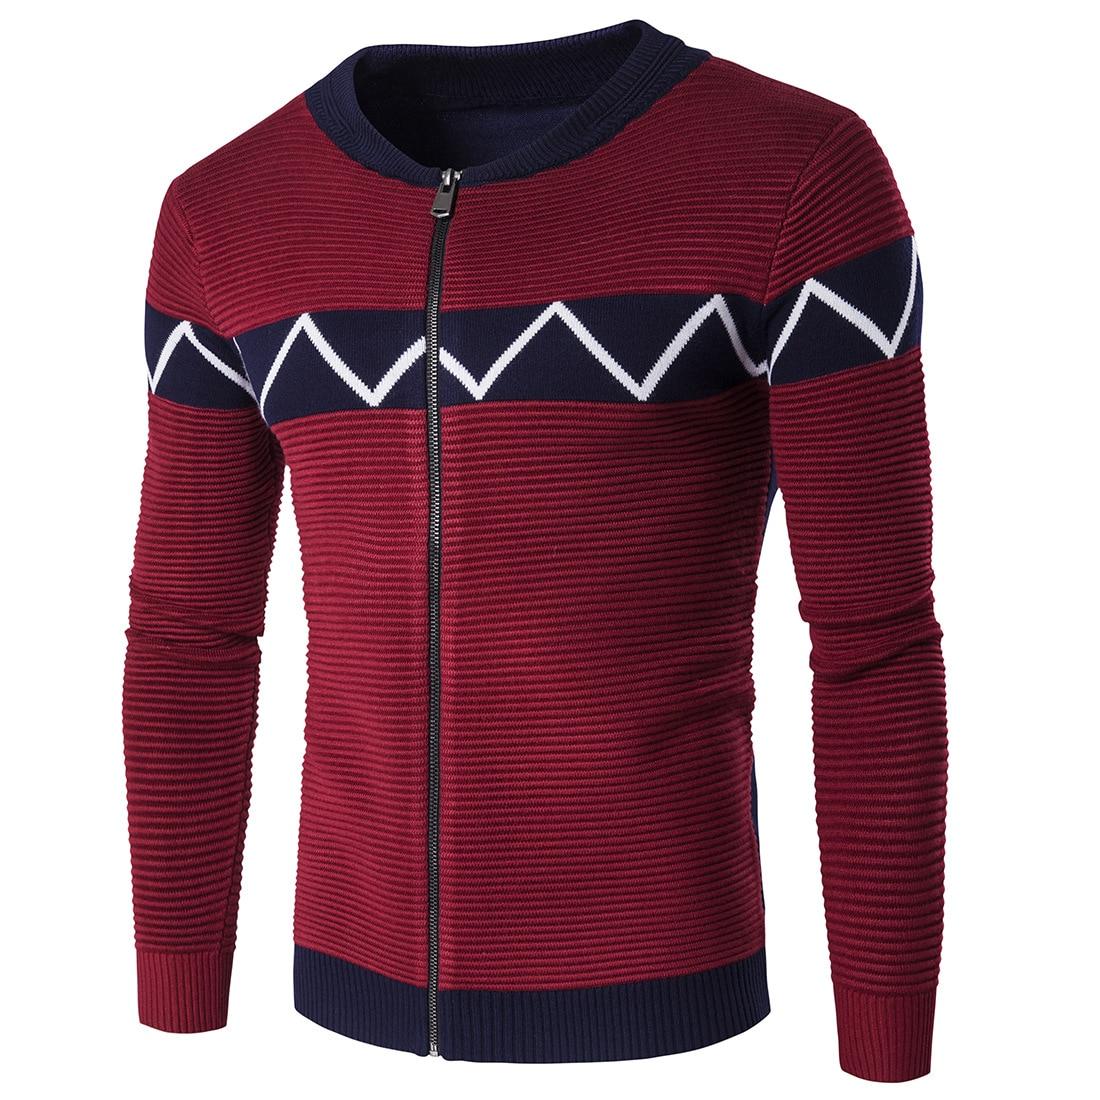 Mens Zipper Sweater Patterns 108